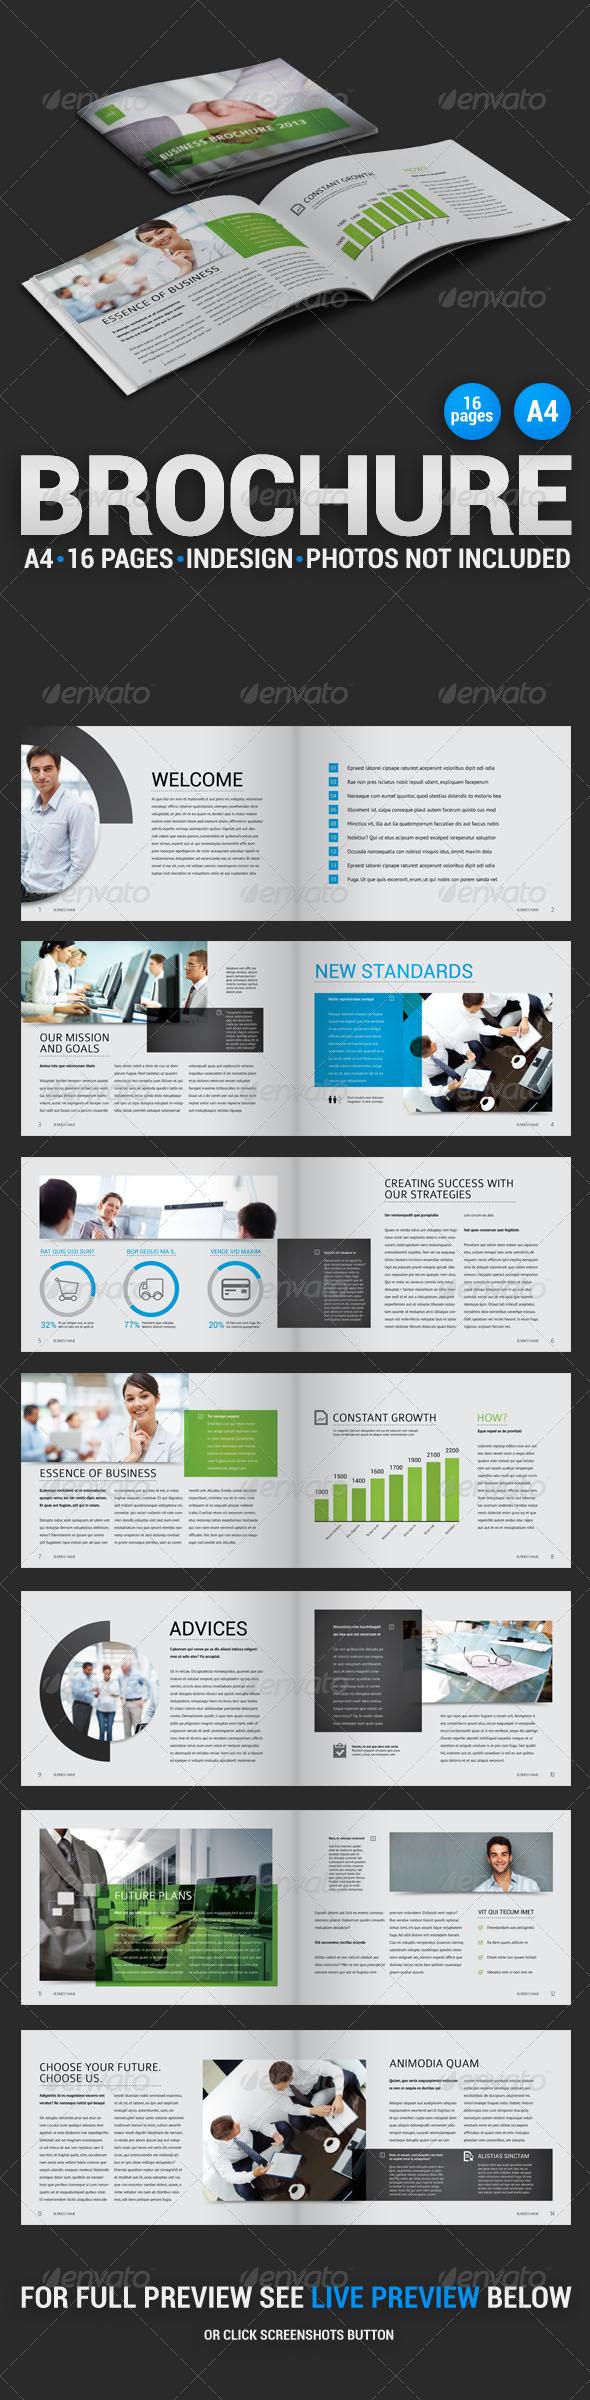 Business Brochure 2 - Corporate Brochures